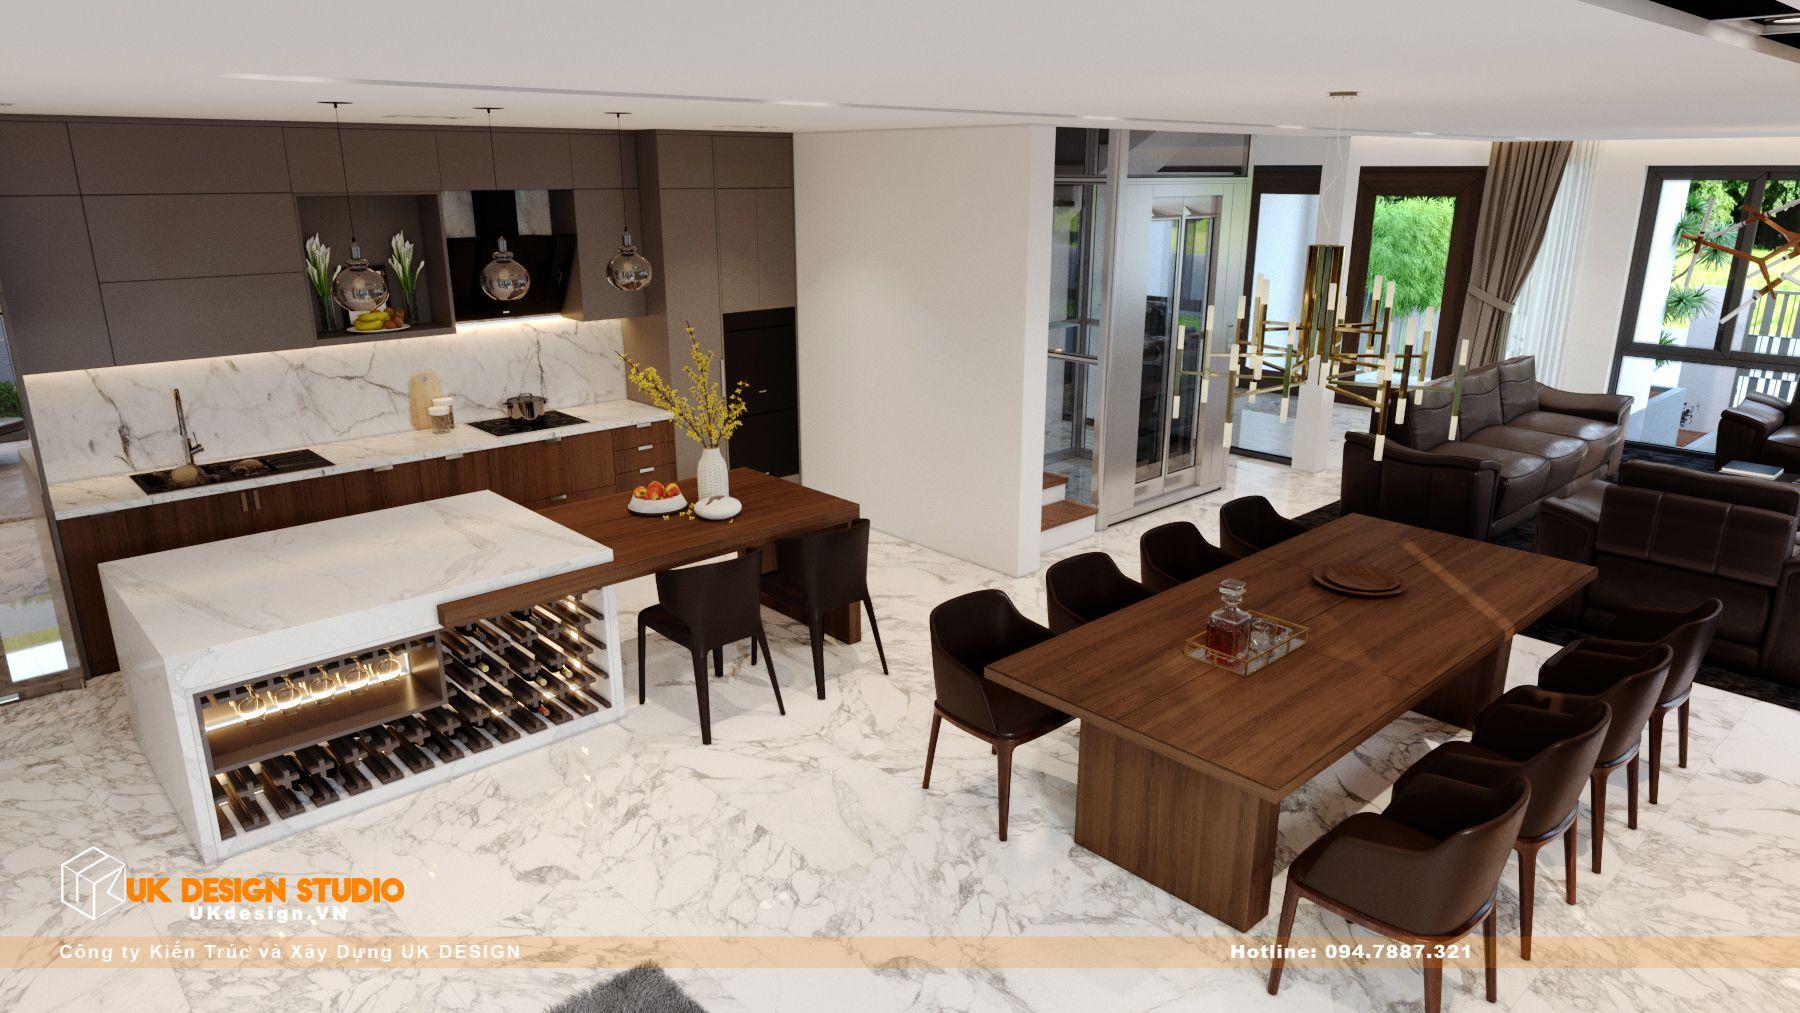 Thiết kế nội thất biệt thự nhà đẹp 3 tầng ở Quận 8 - Phòng Khách Bếp 13